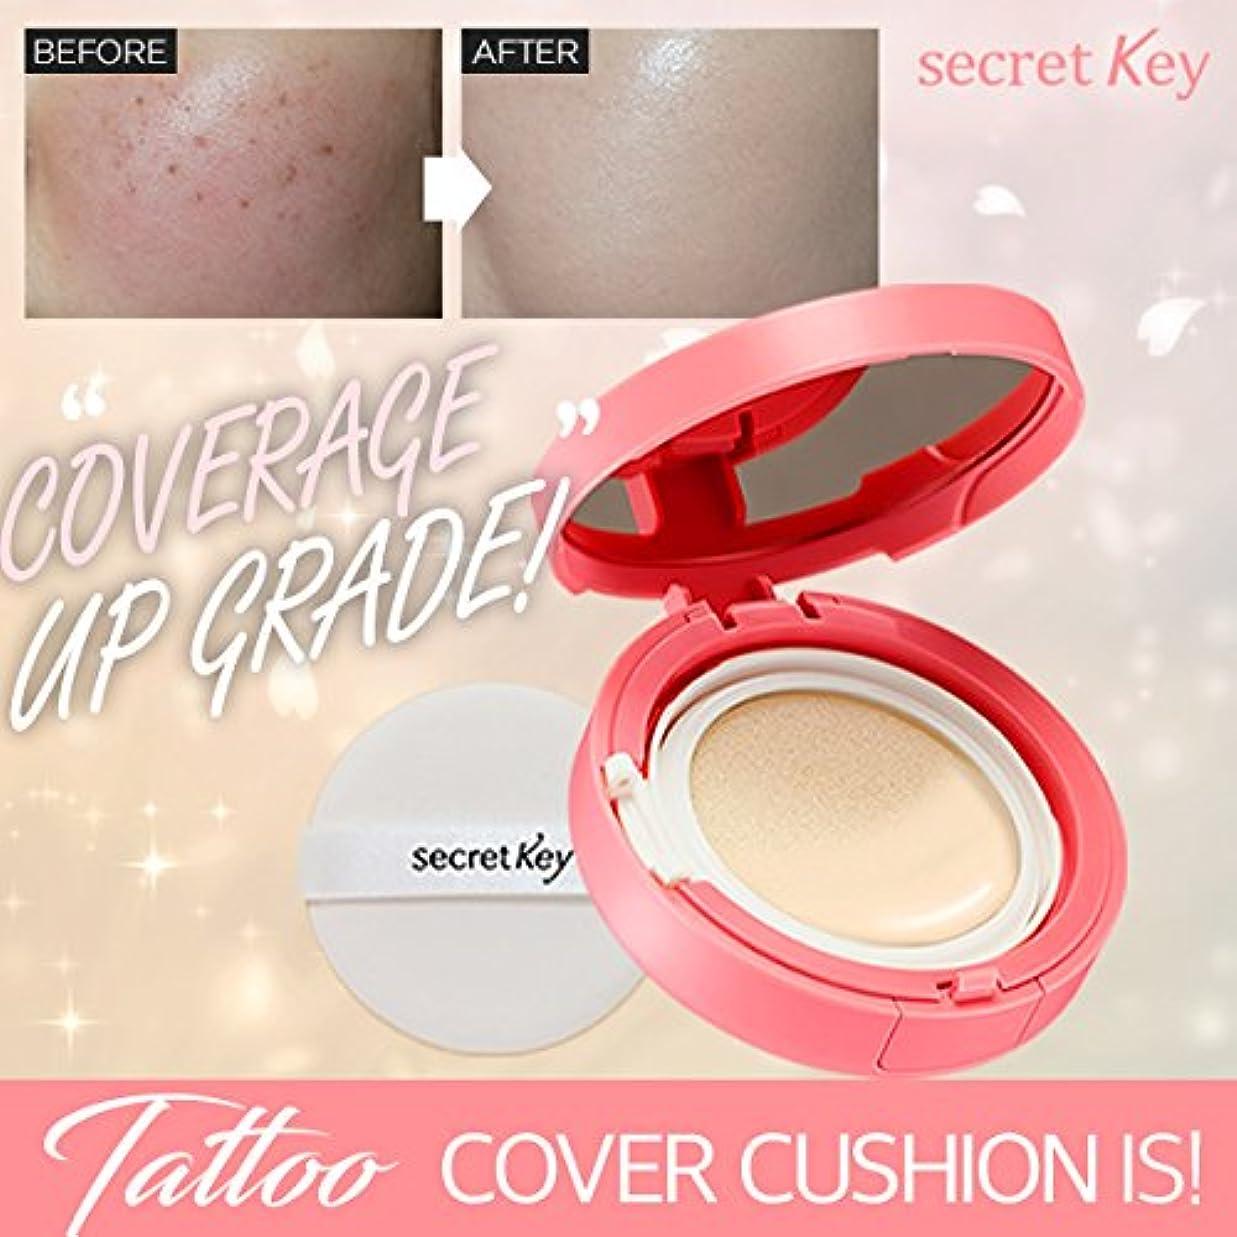 賞賛するかなり担当者Secretkey シークレットキー タトゥーカバークッション14g ピンクエディション 期間限定 Tattoo Cover Cushion Pink Edition 海外直送品 (ナチュラルベージュ23号)